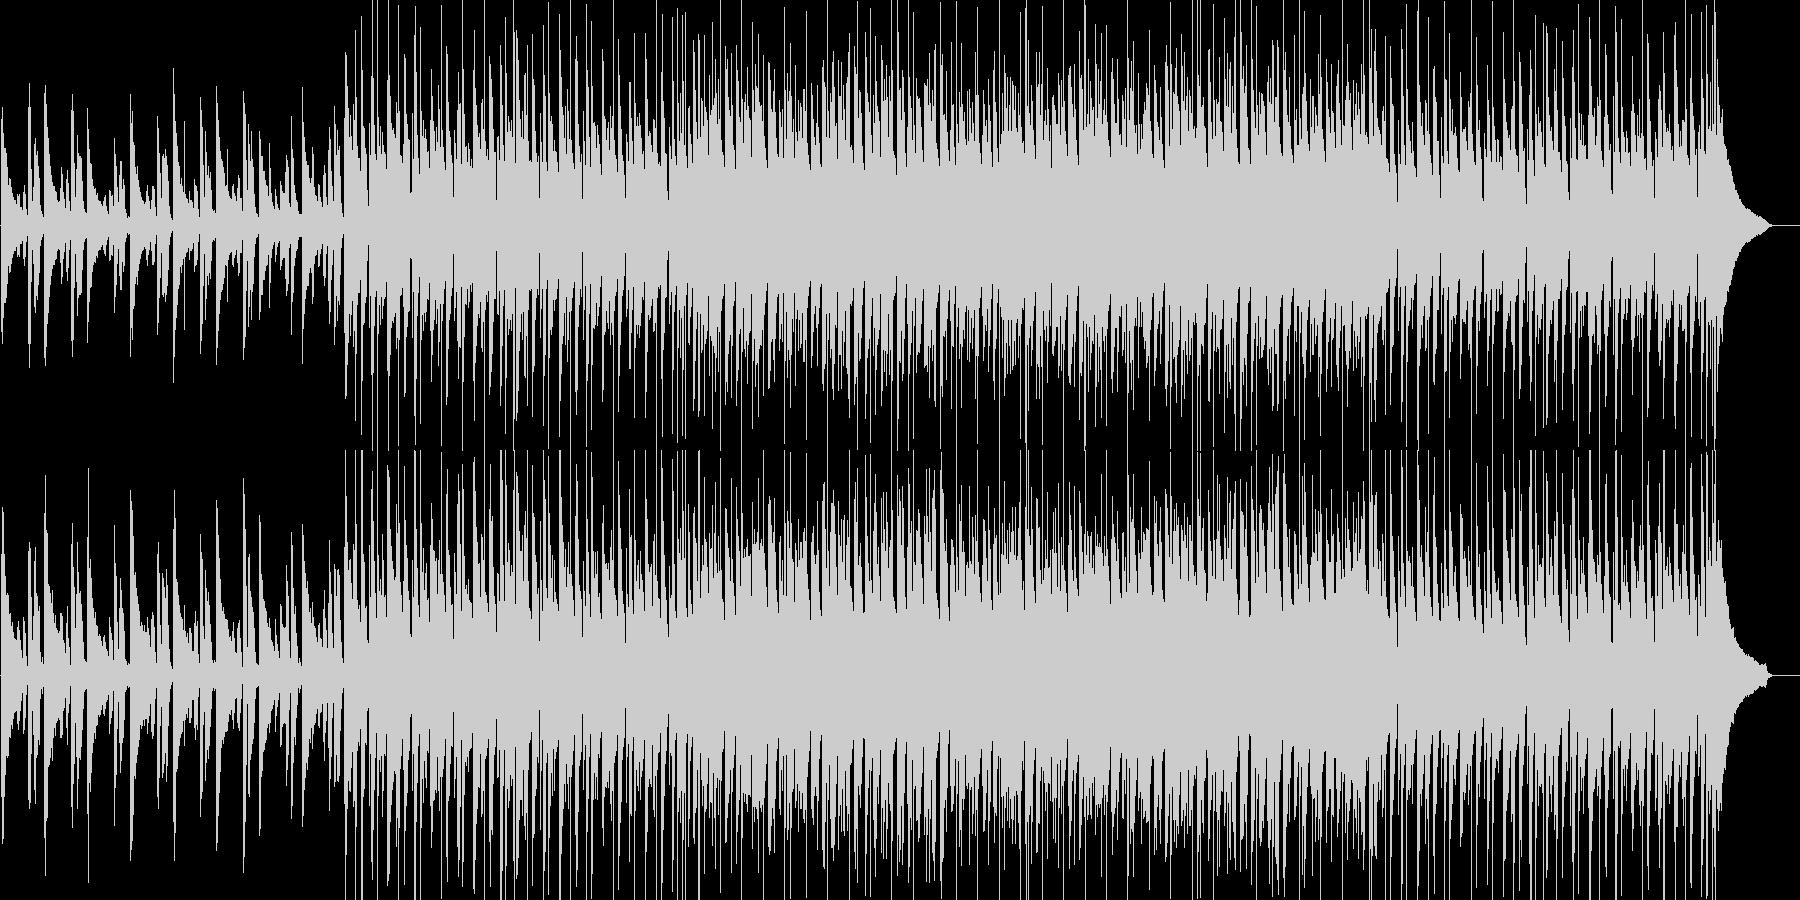 爽やか・軽快・わくわく・楽しい・ピアノの未再生の波形